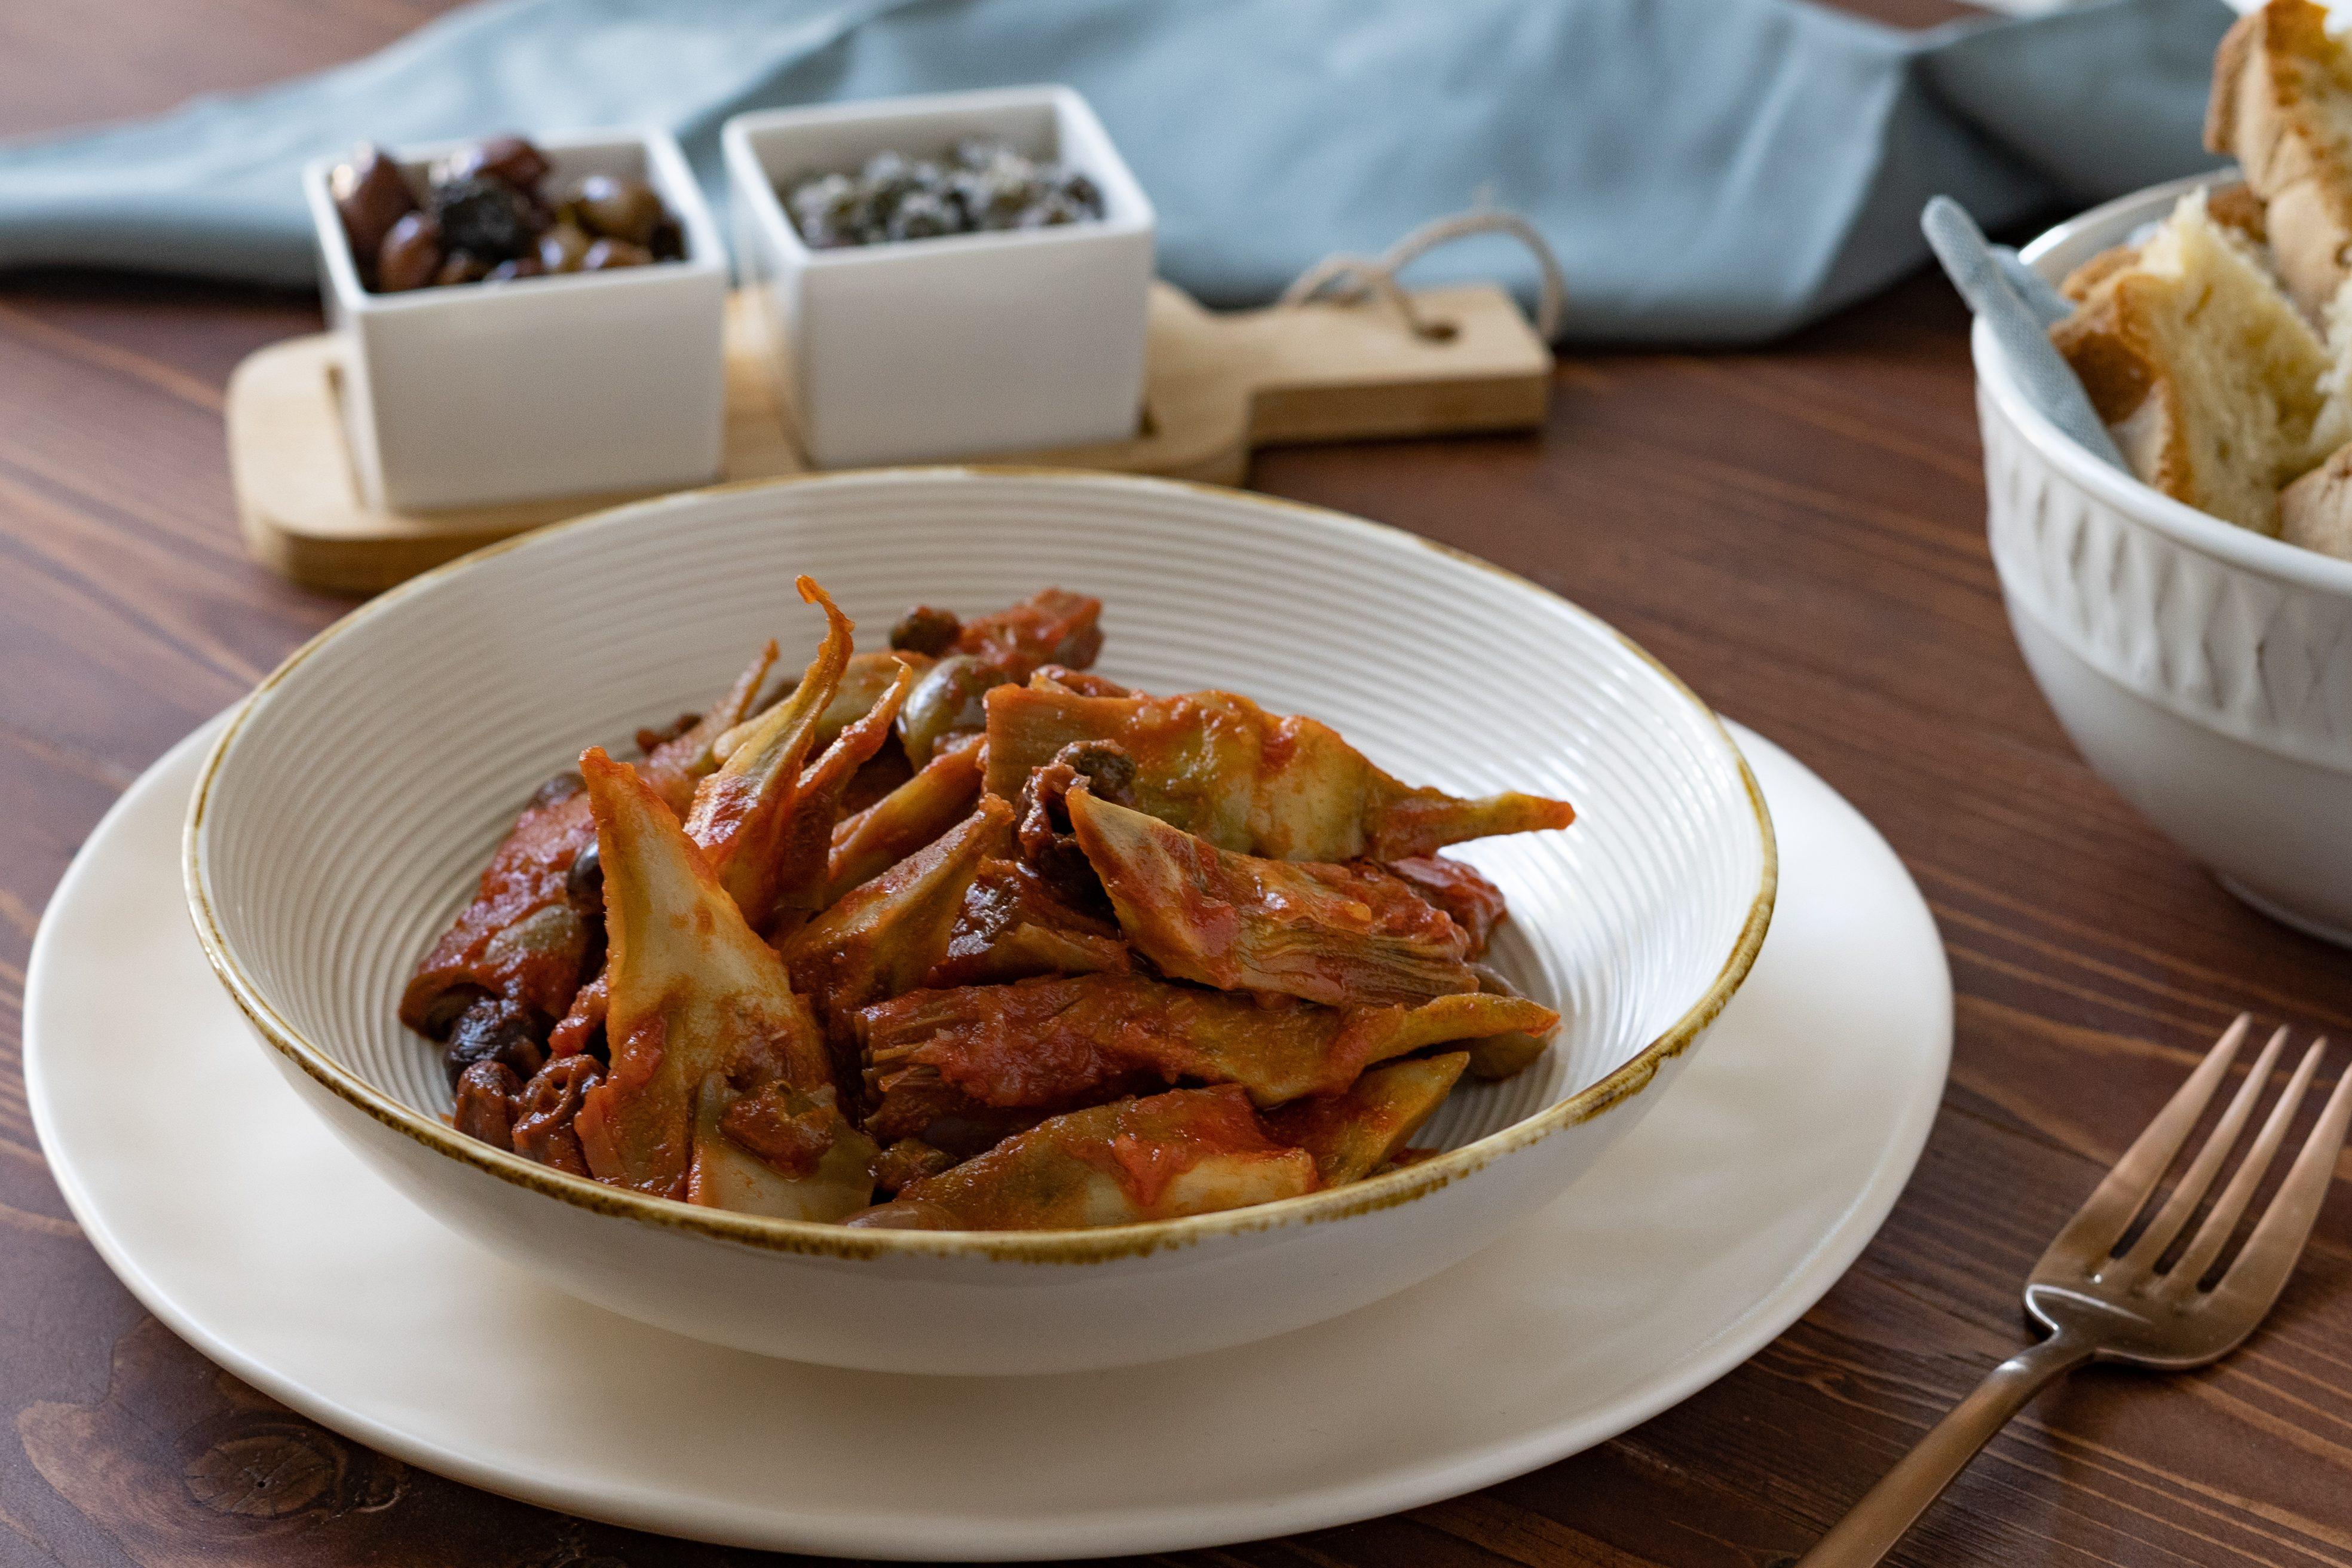 Caponata di carciofi: la ricetta del contorno ricco e gustoso